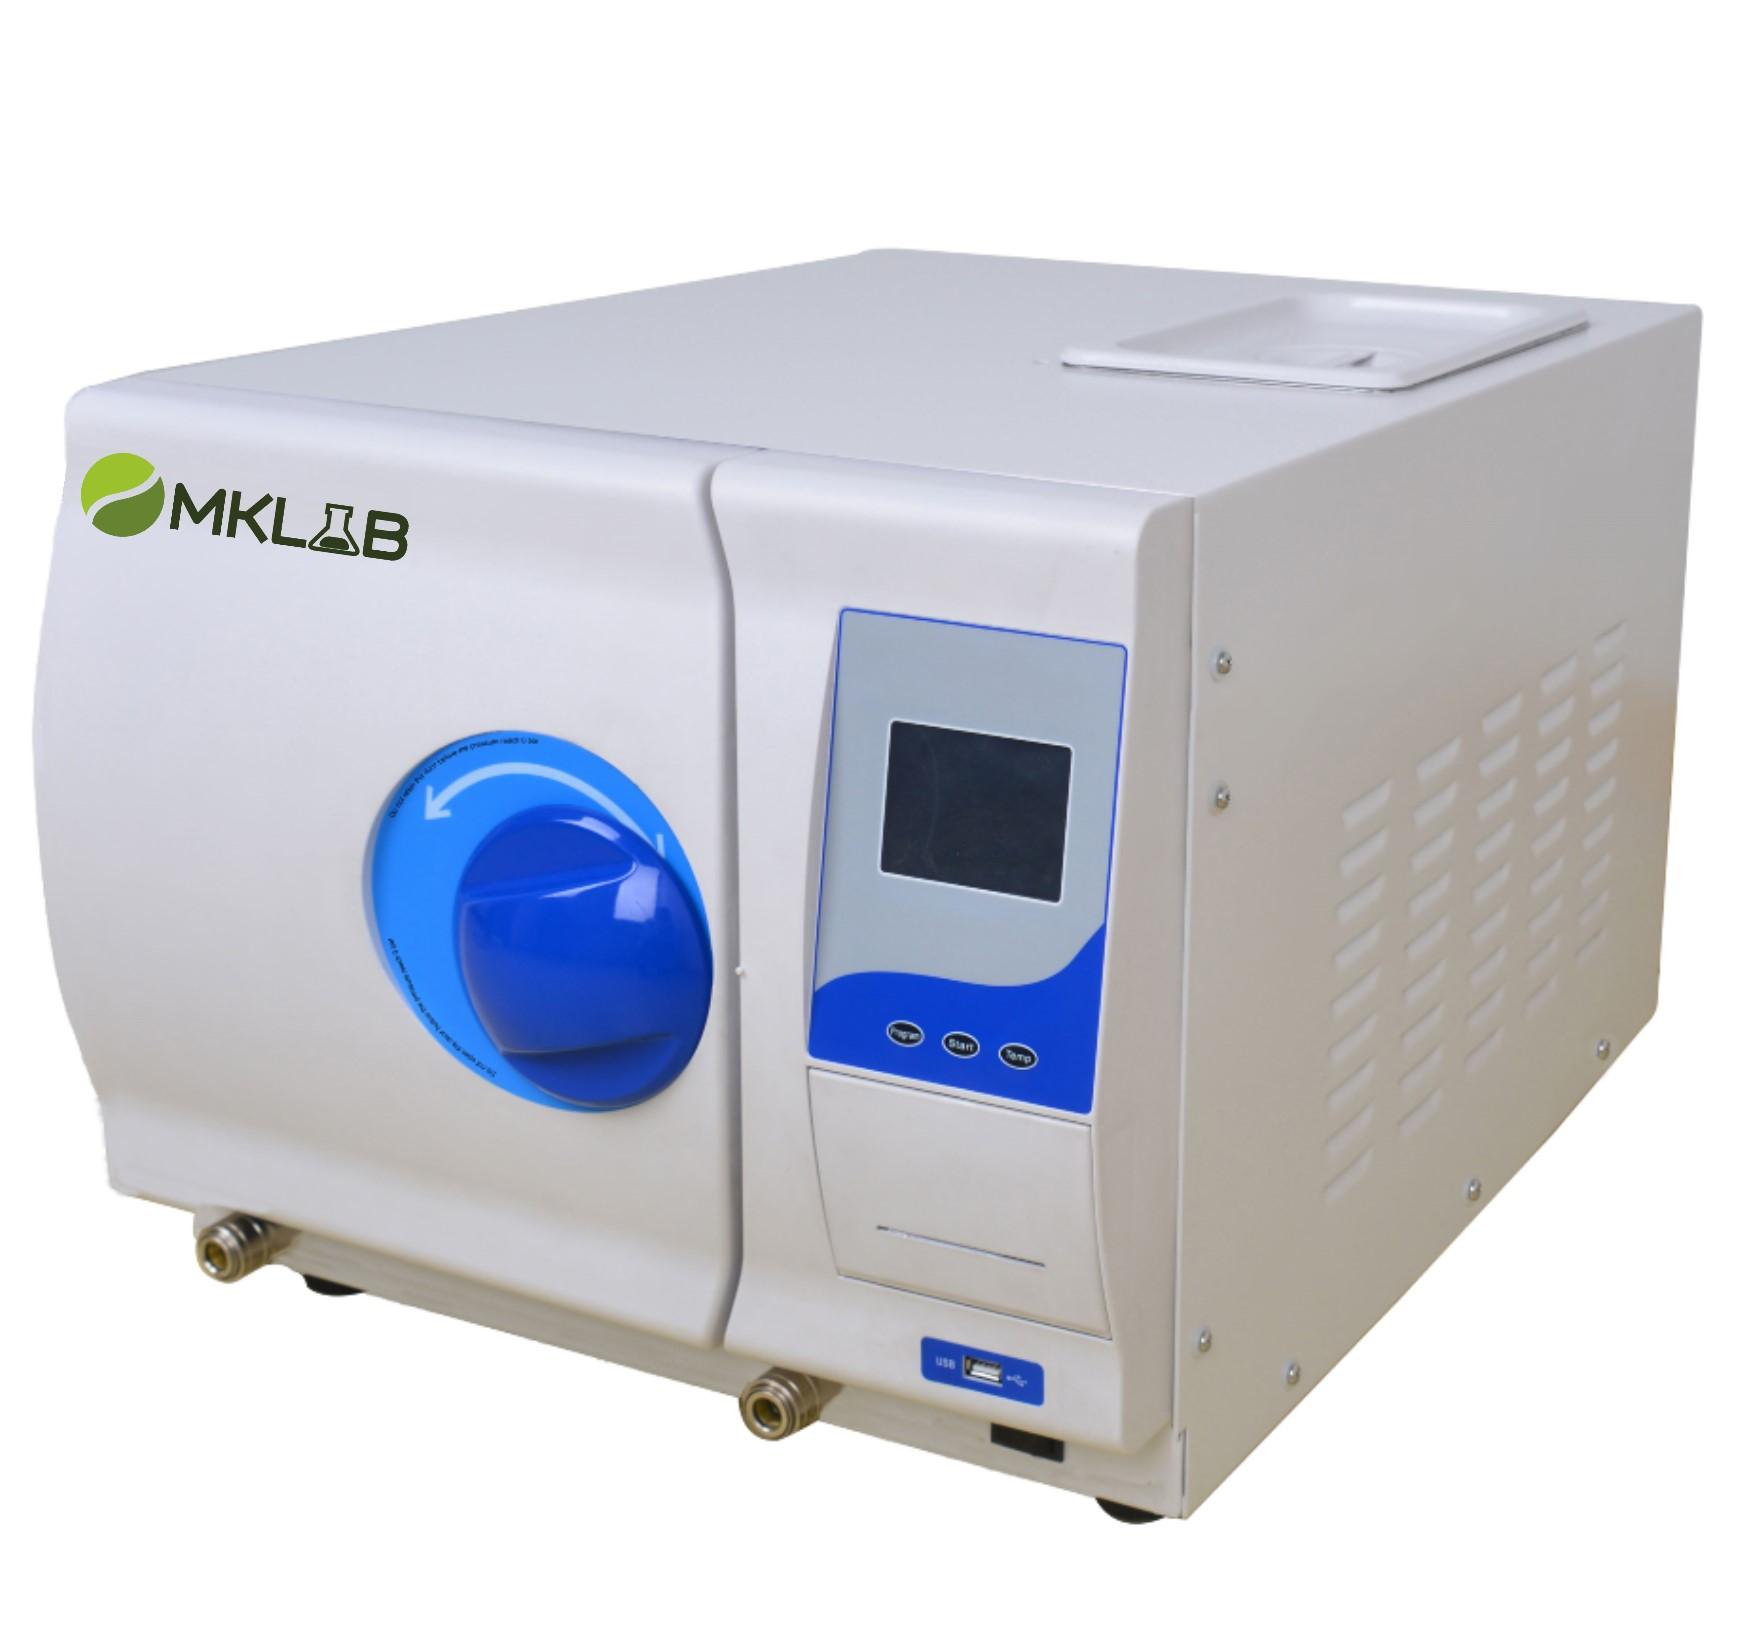 MKLB Table-top Autoclave 18L/24L